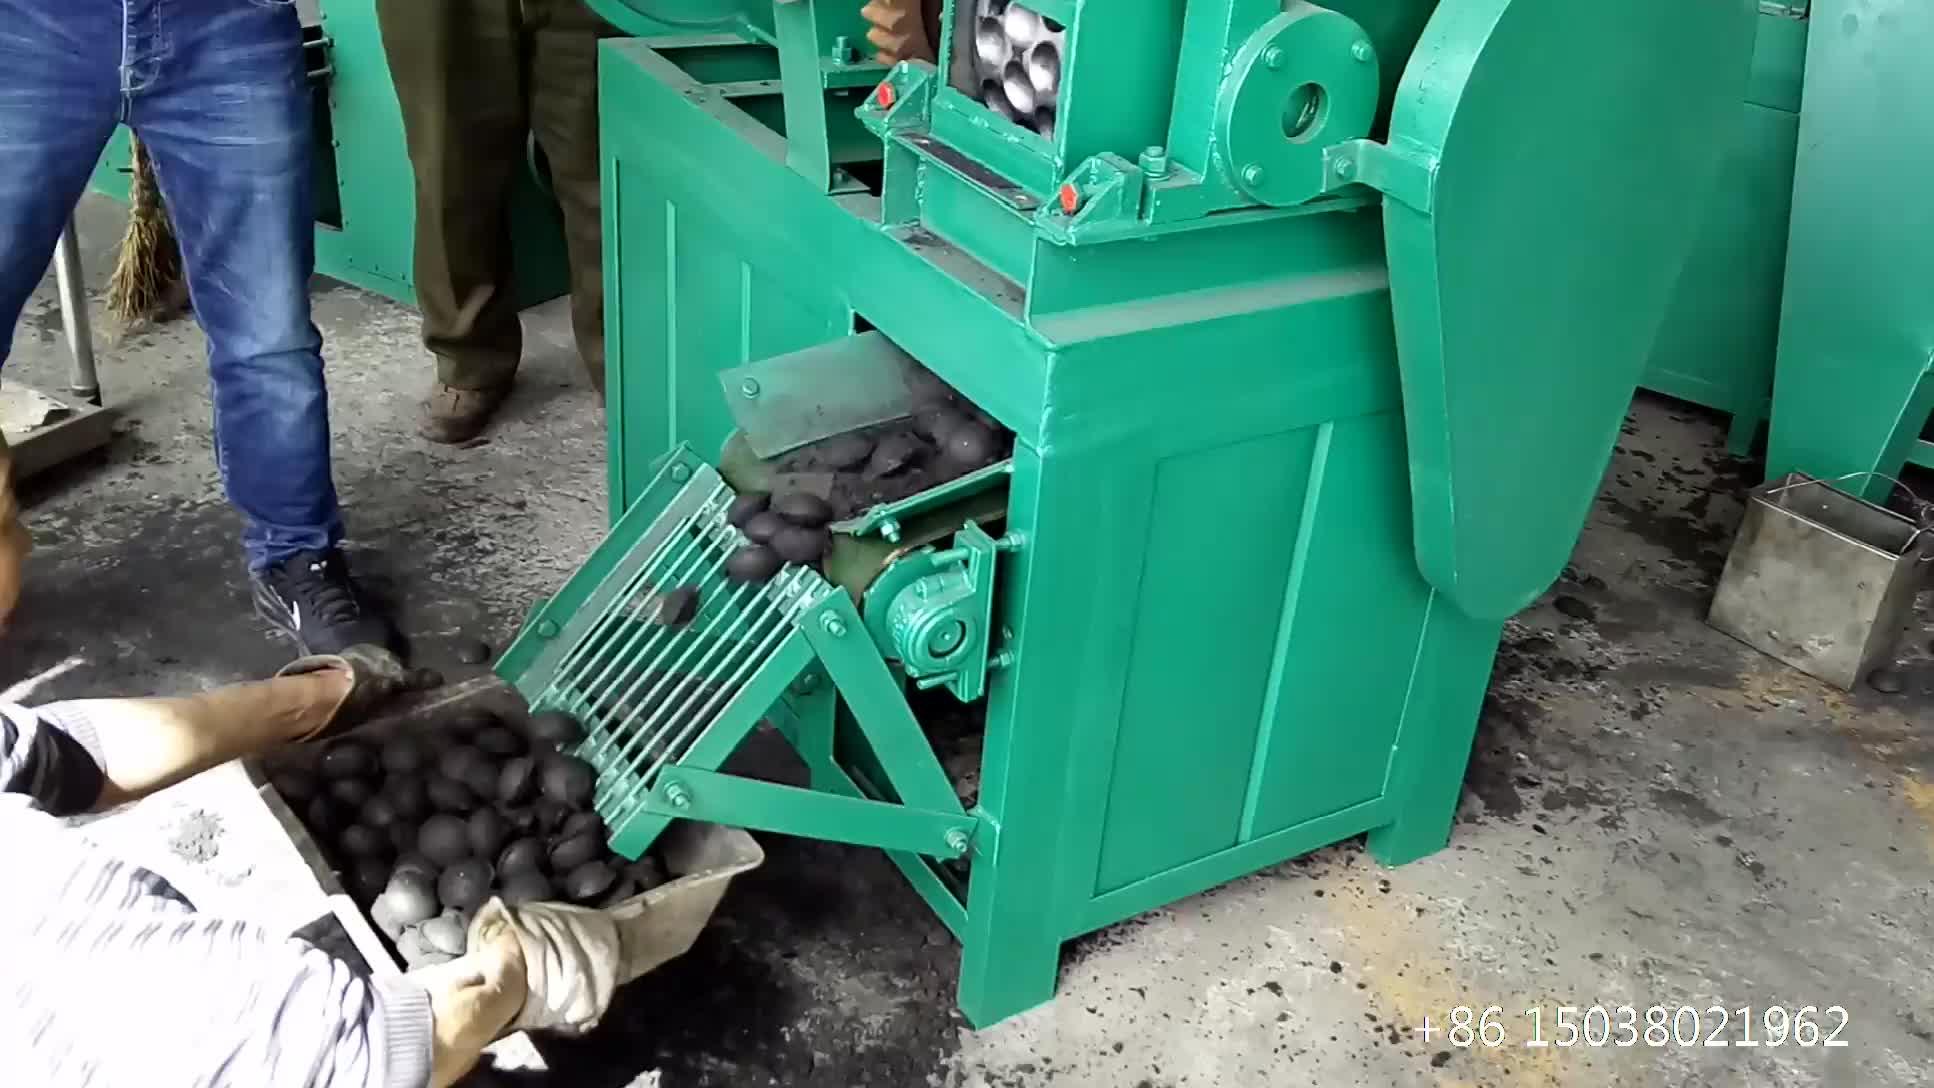 פחם כדור עיתונות לבנית מכונה